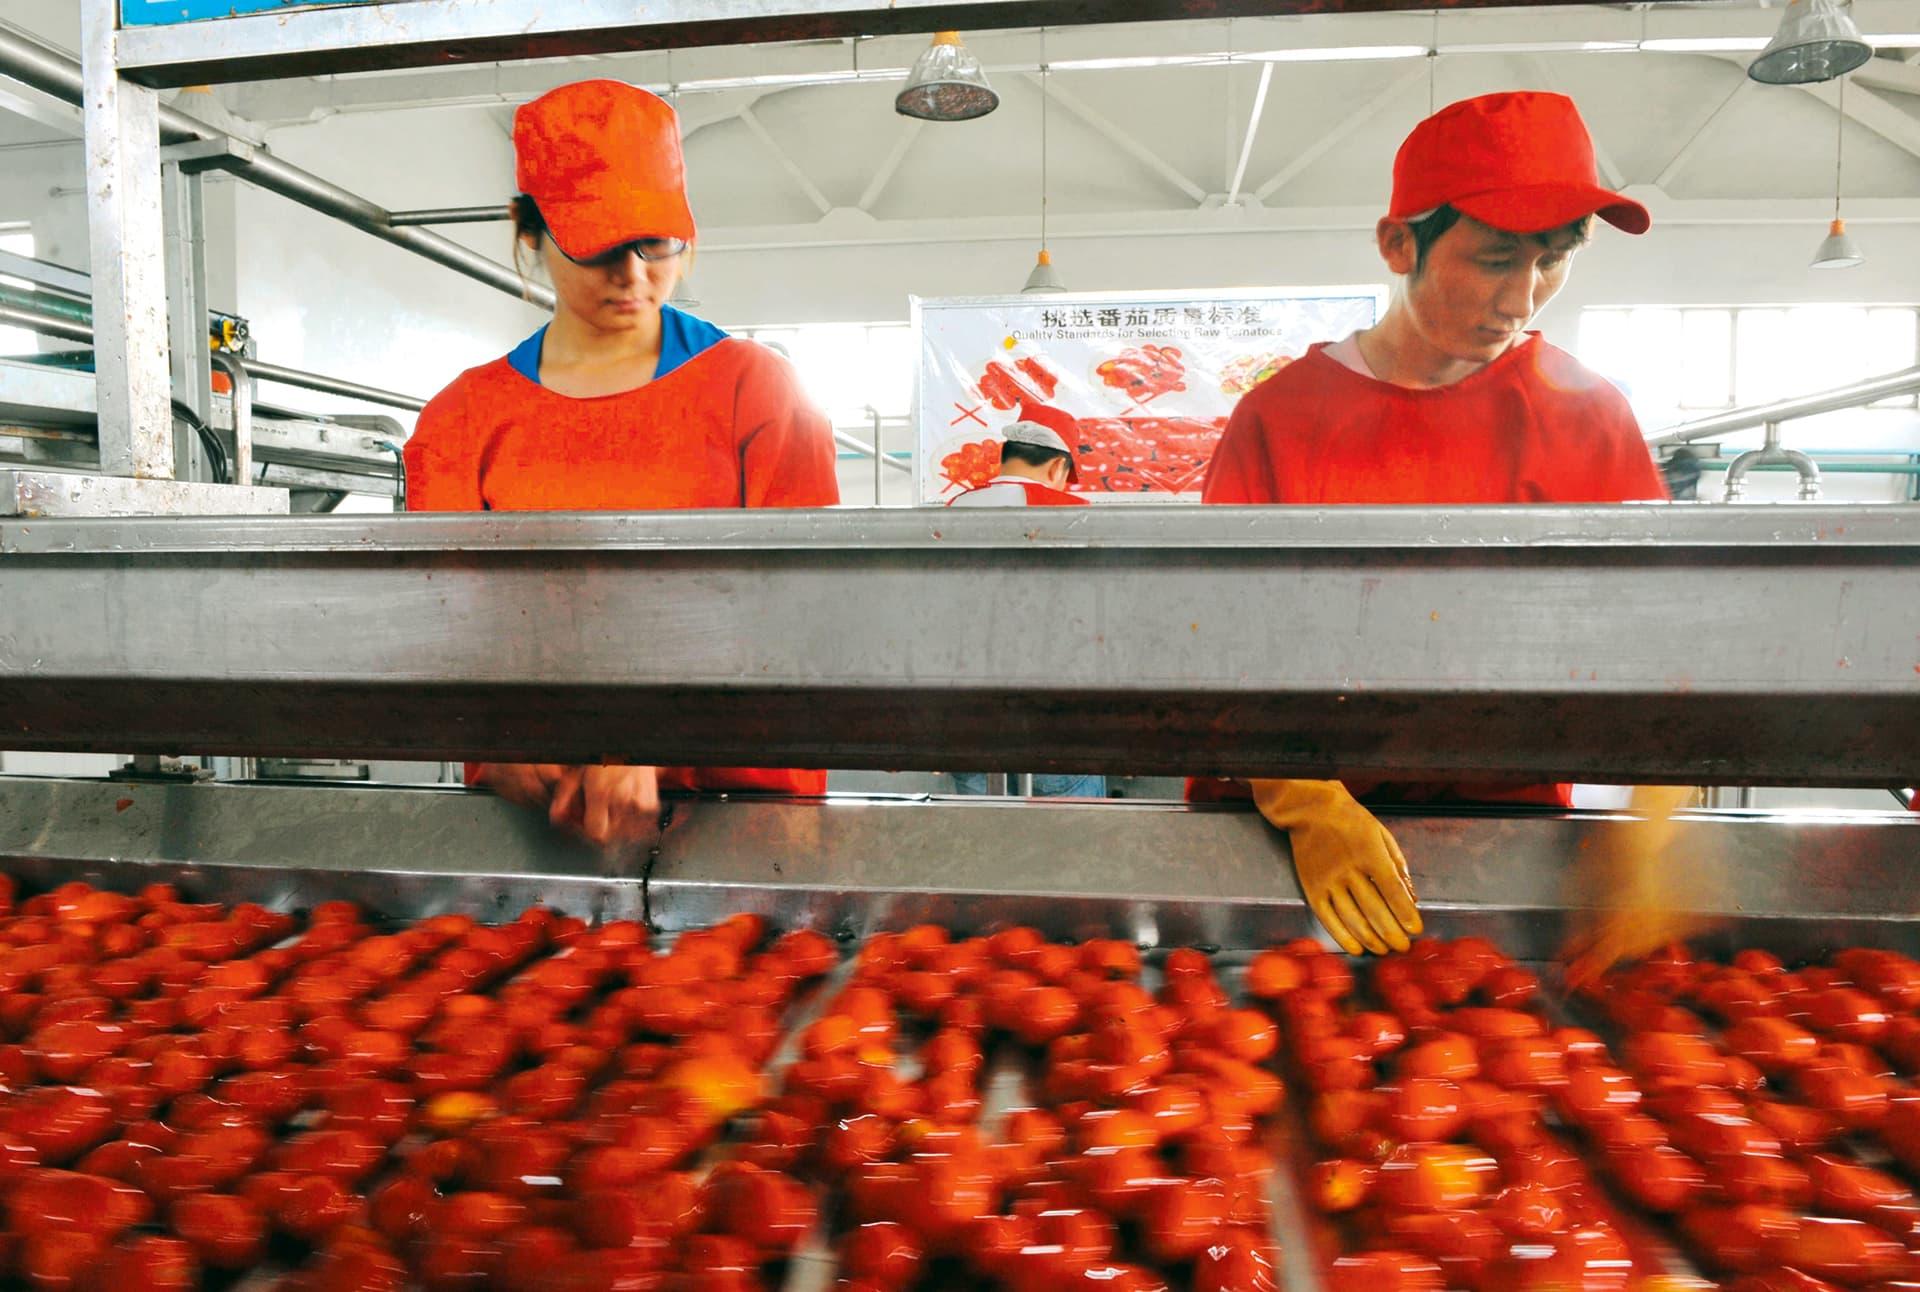 Zwei asiatisch aussehende Menschen in roter Kleidung sortieren Tomaten auf einem Laufband